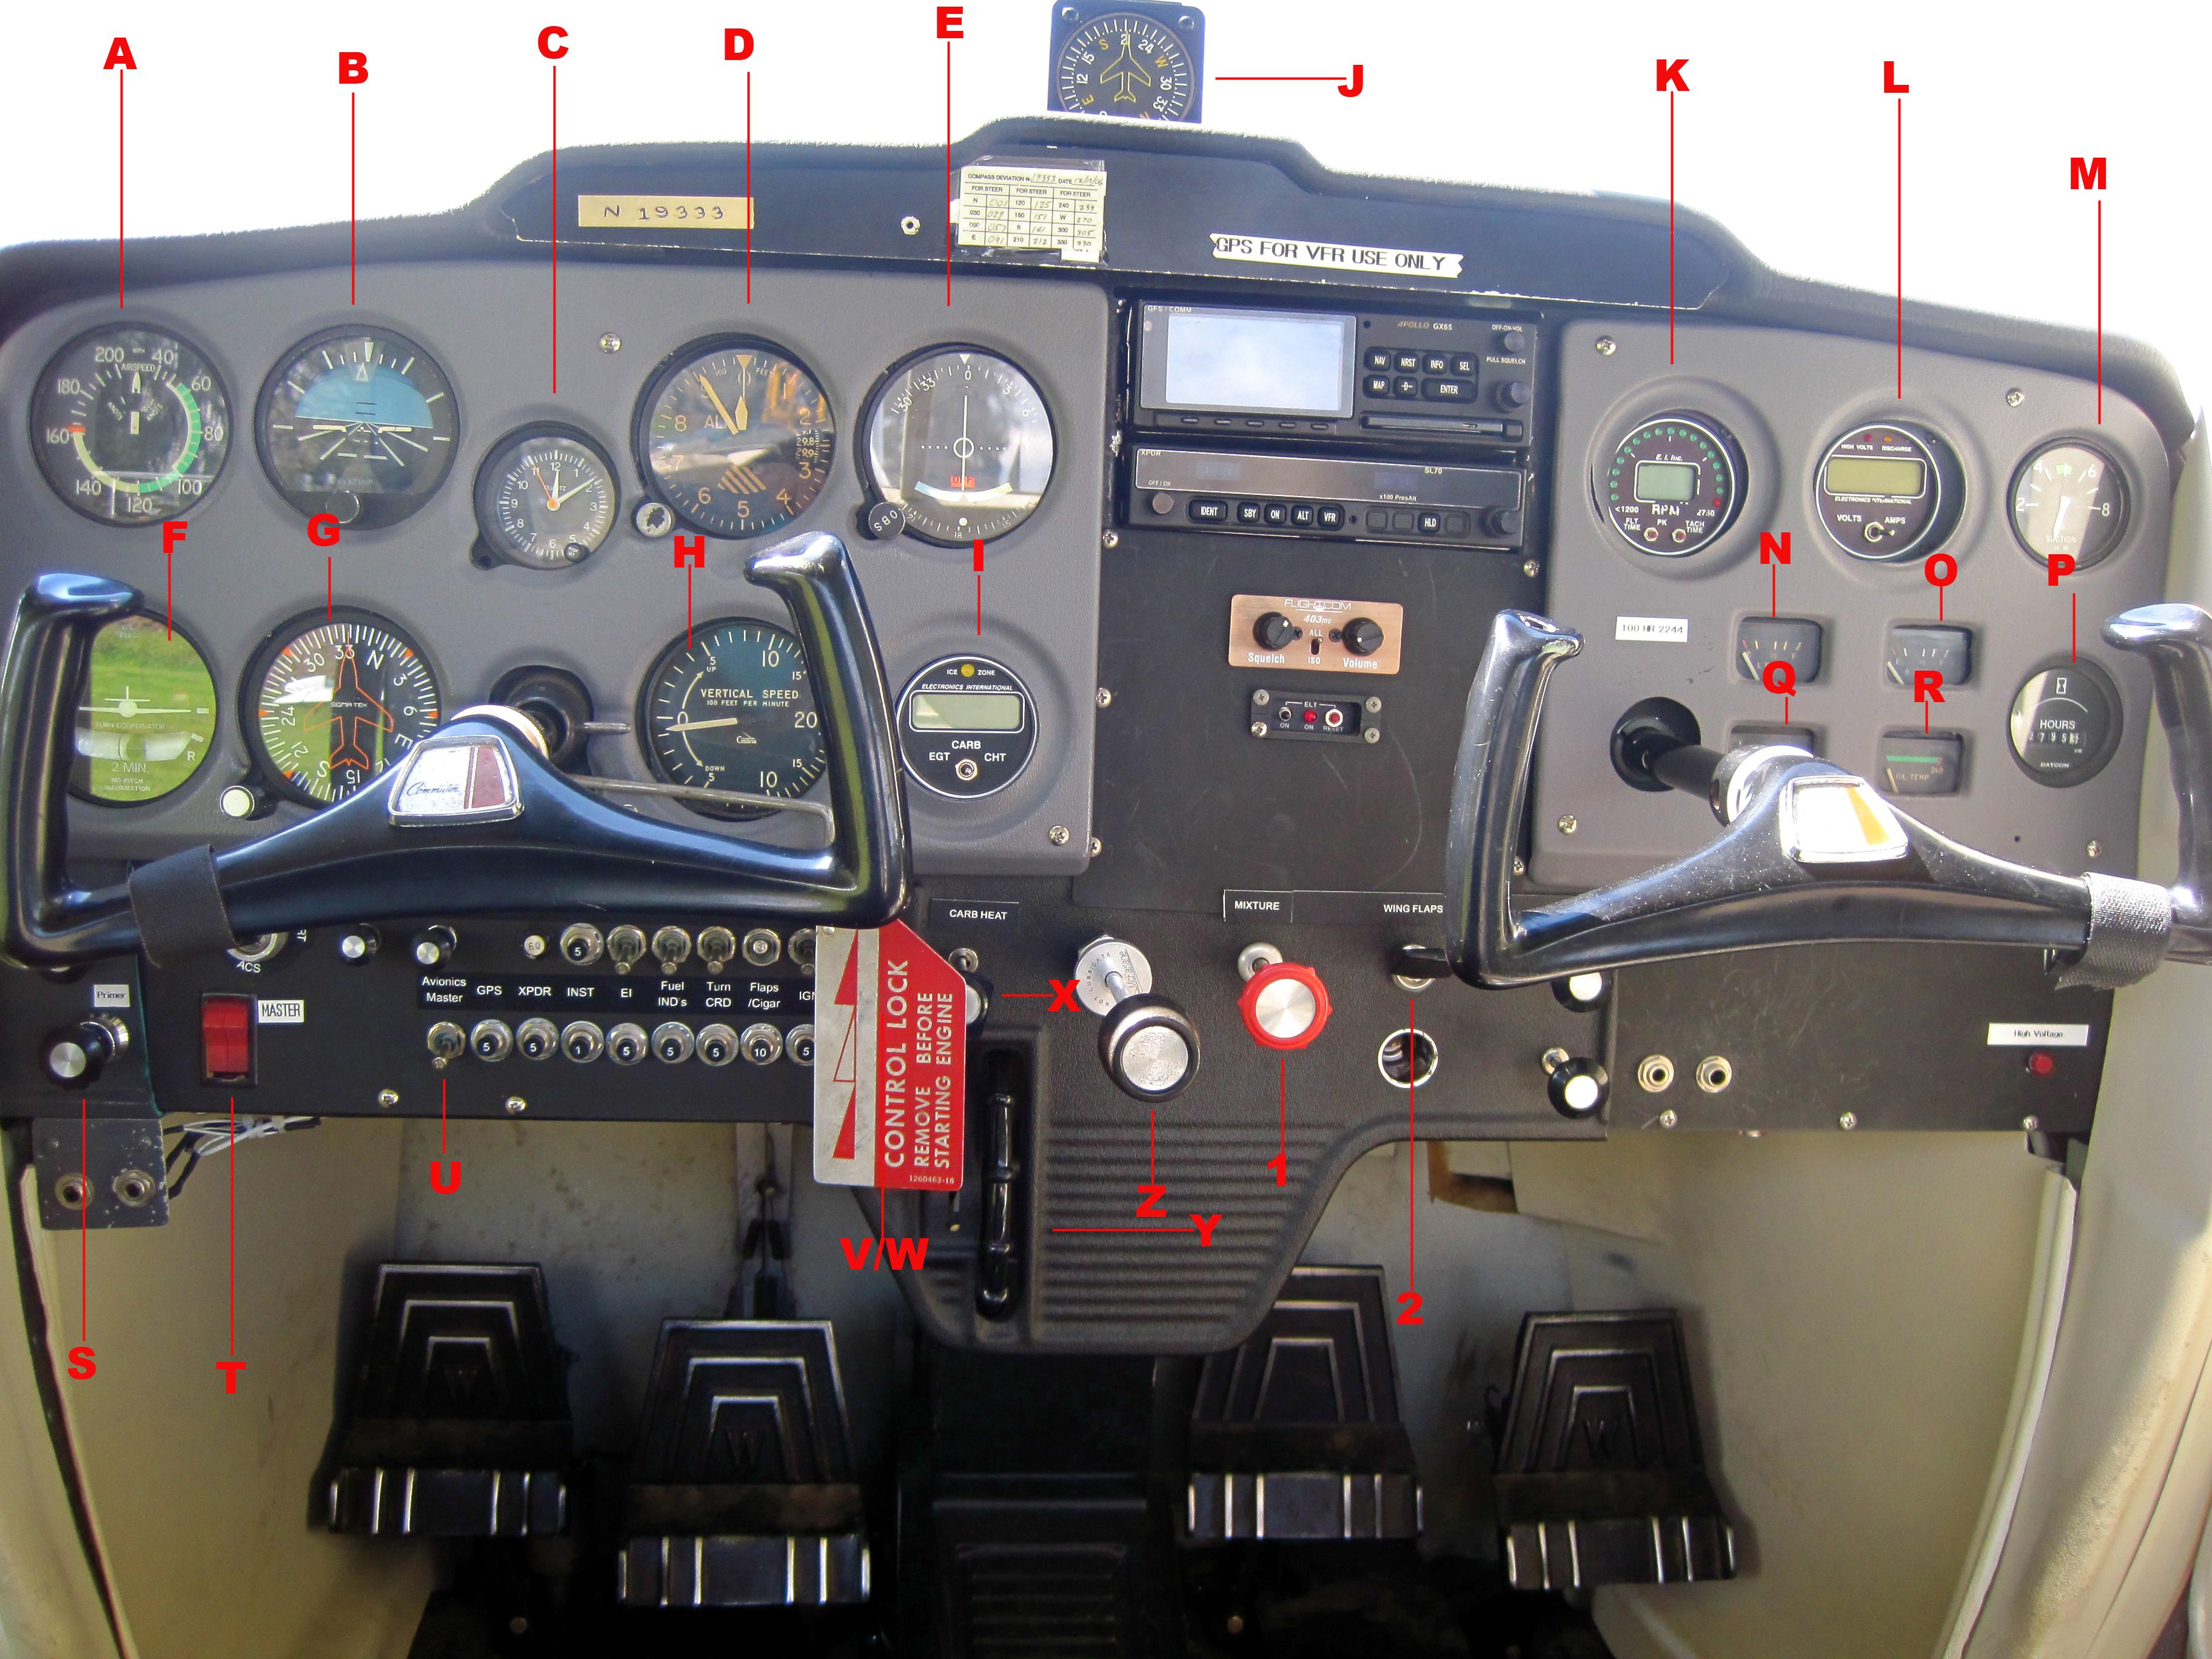 cessna 406 diagram 2004 chevy silverado 2500hd bose radio wiring 150 engine 182